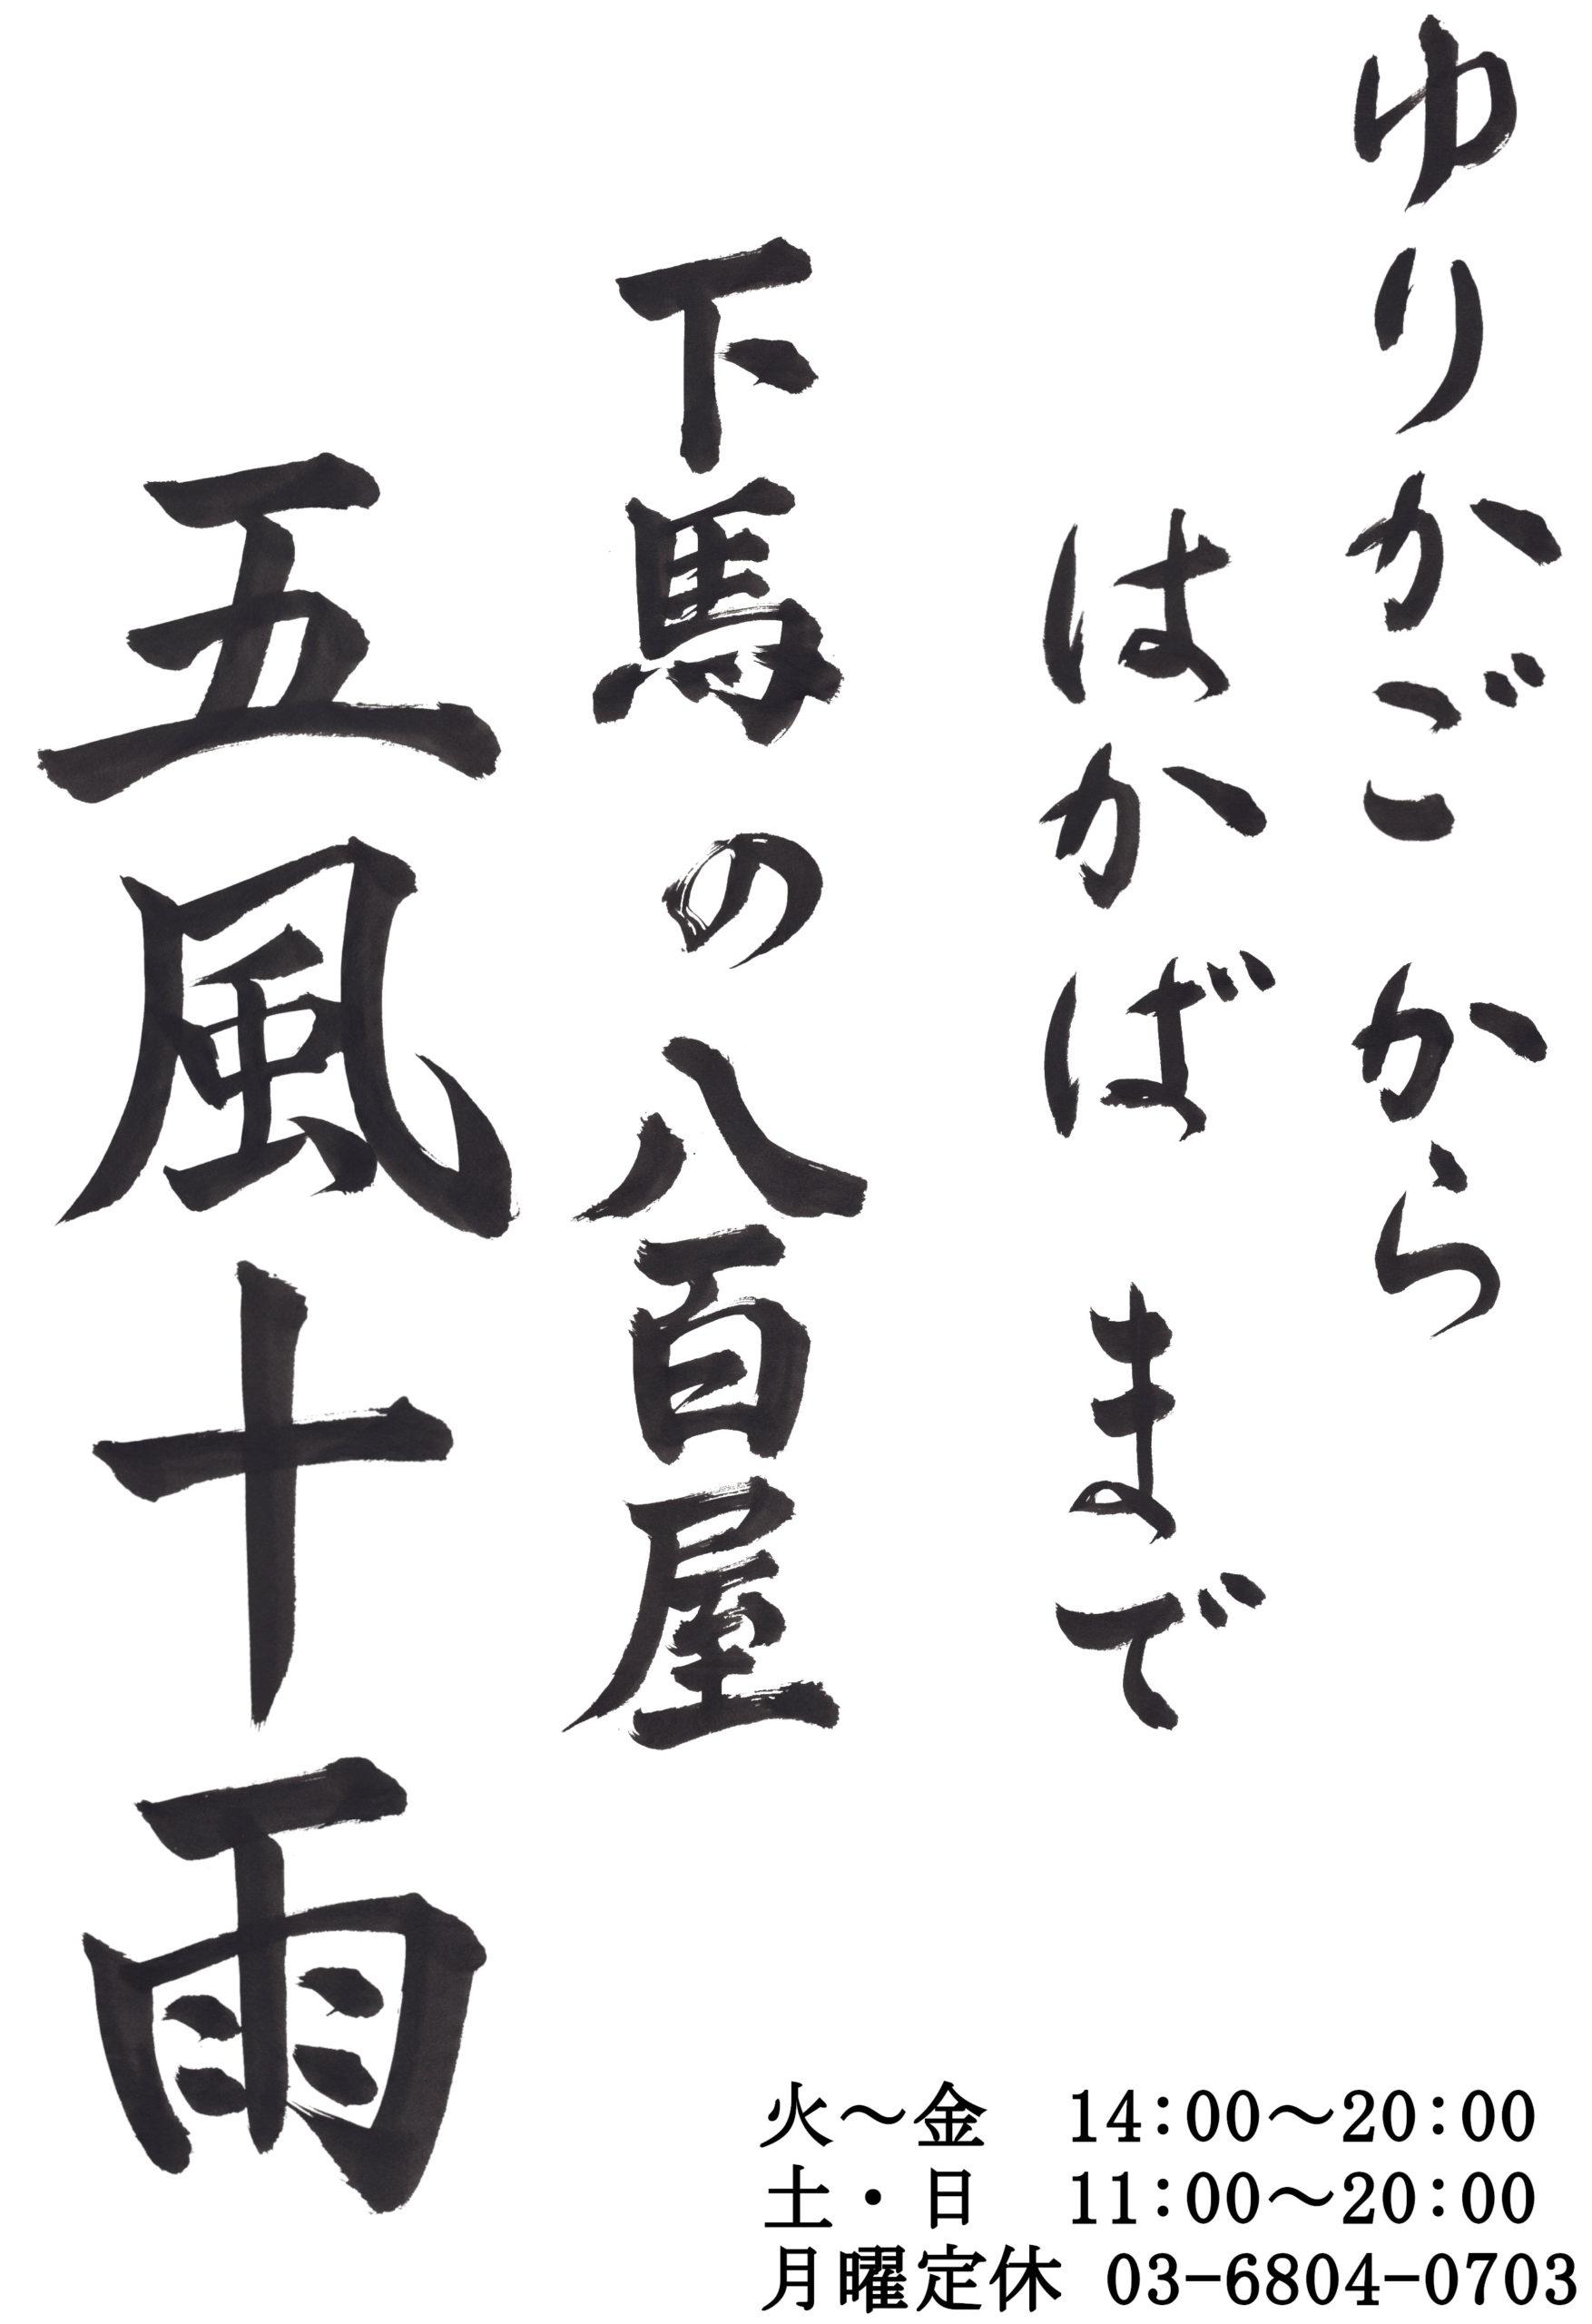 自然食品店 五風十雨(ごふうじゅうう)